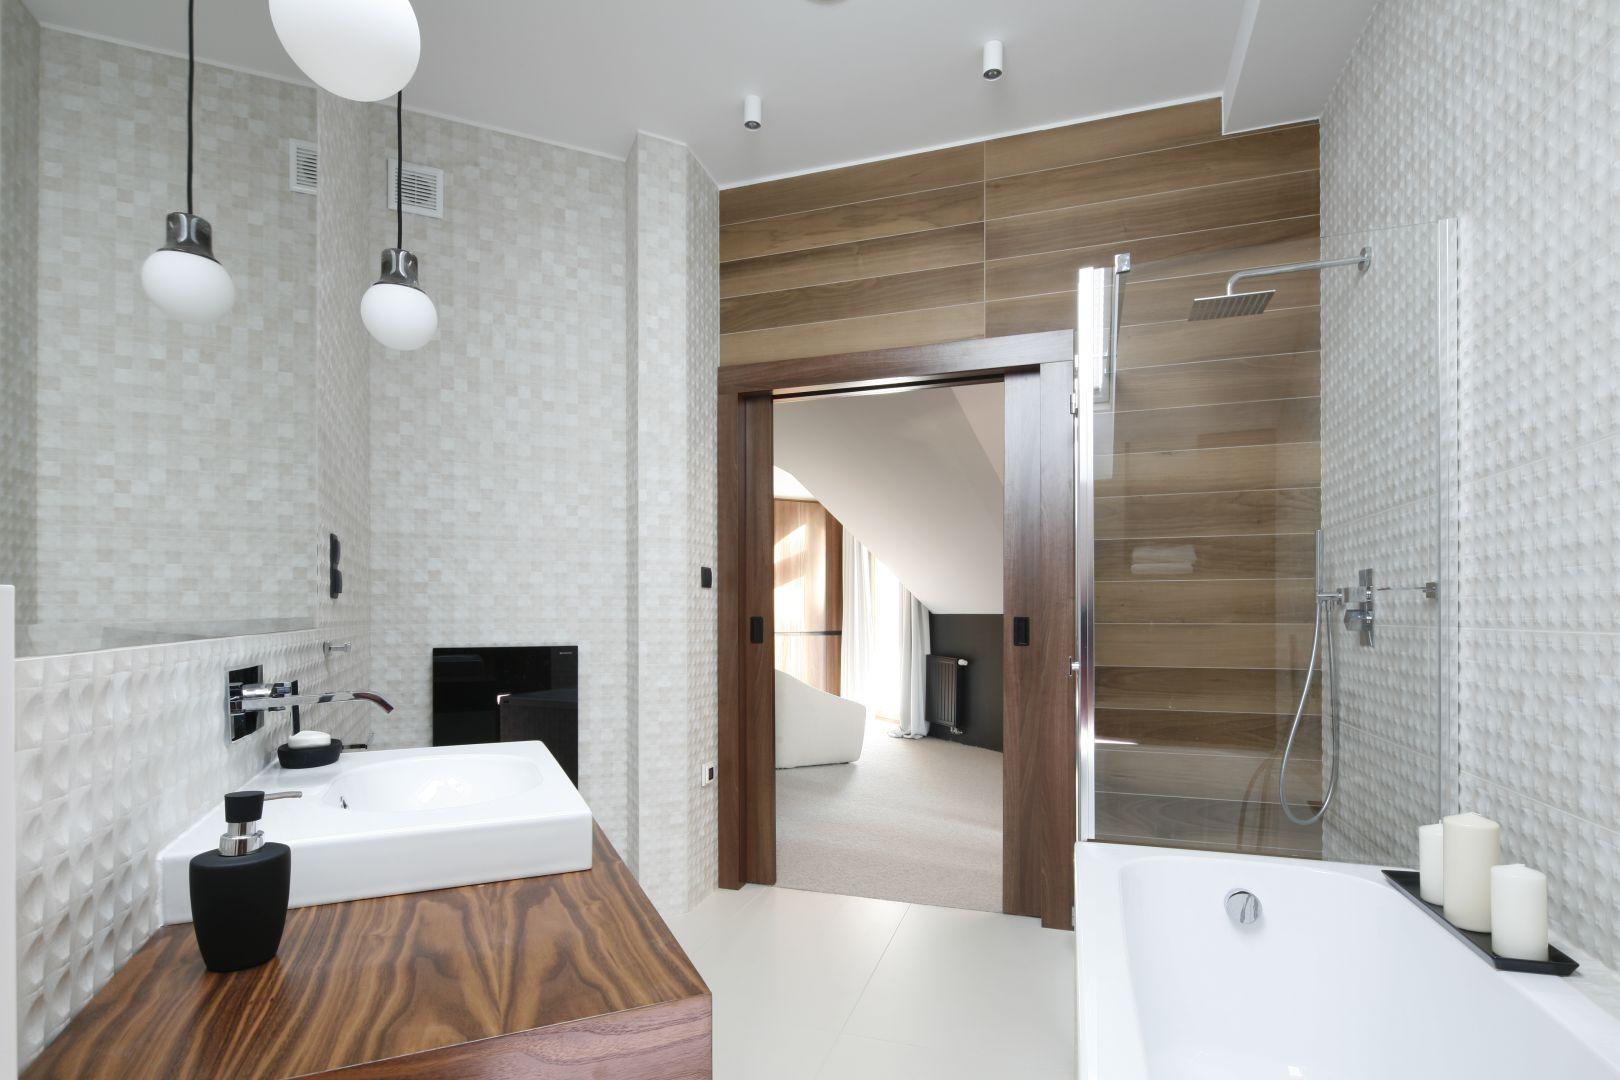 Miejsce 1: gotowy projekt nowoczesnej łazienki. Proj. Jan Sikora. Fot. Bartosz Jarosz